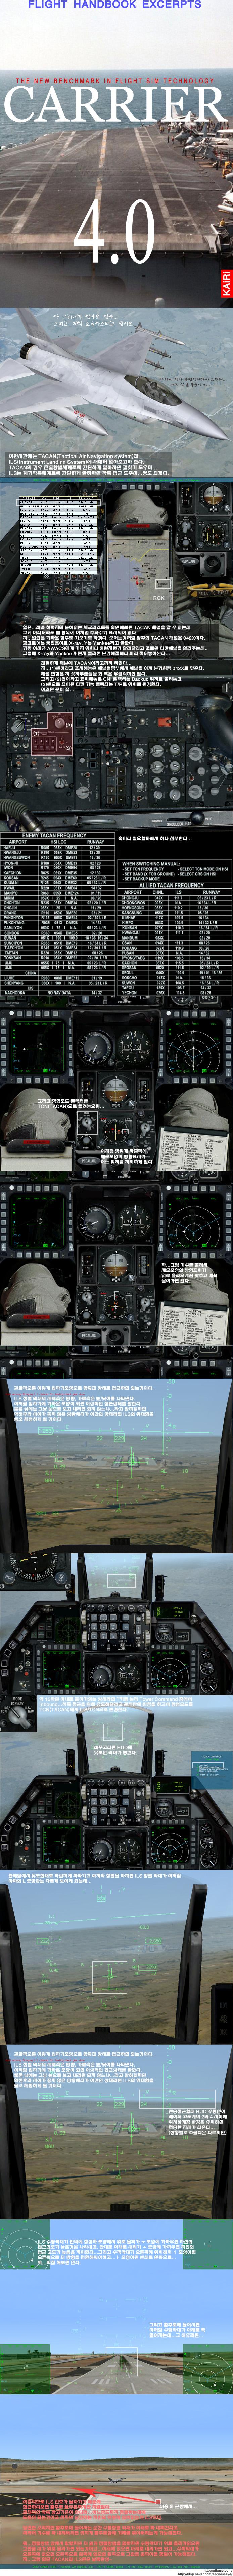 manual_25_tacanils.jpg